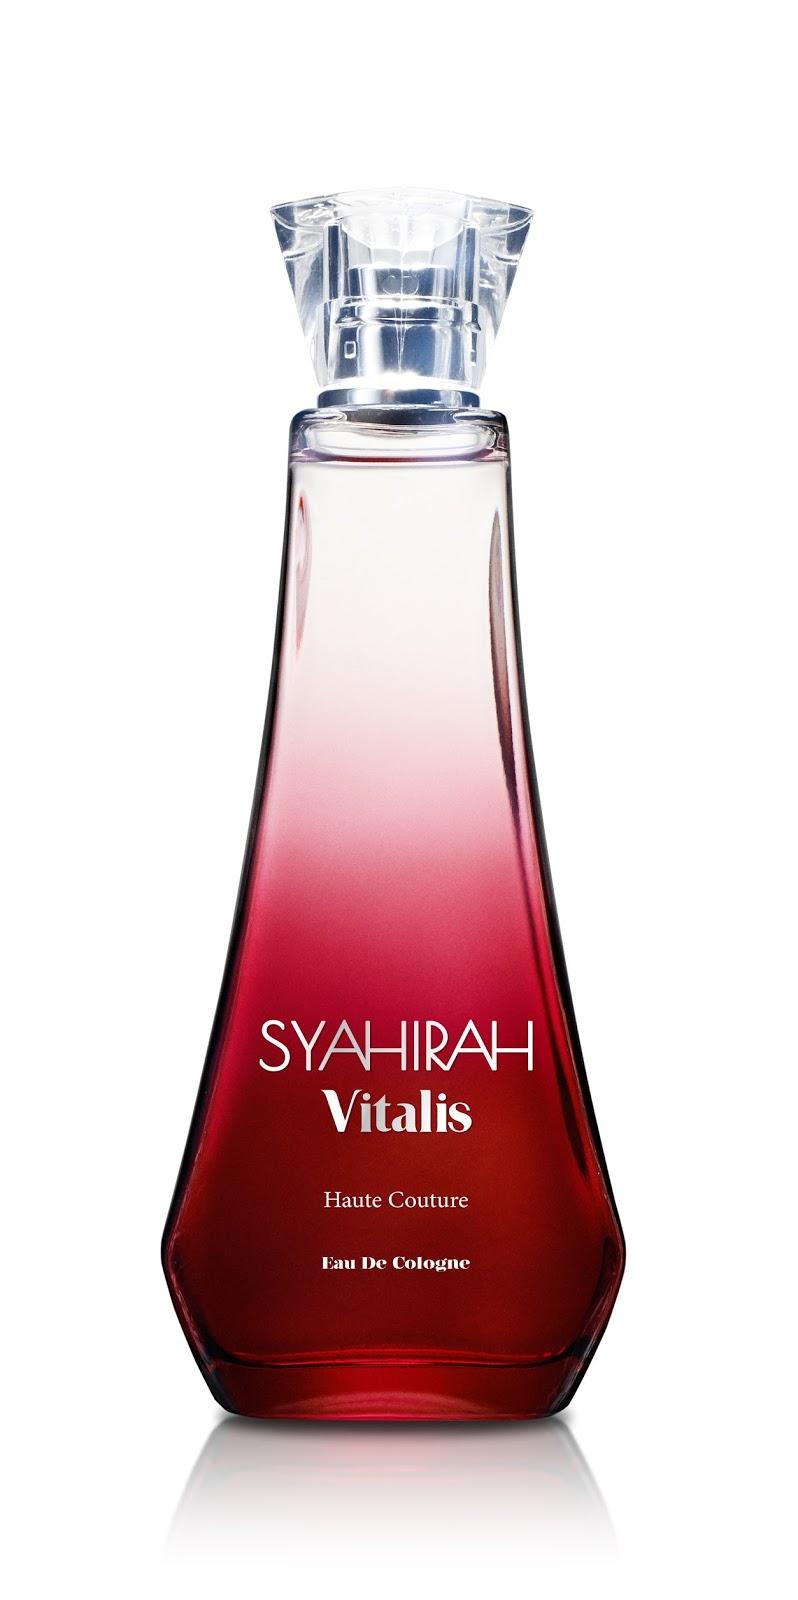 Syahirah Vitalis Eau De Cologne